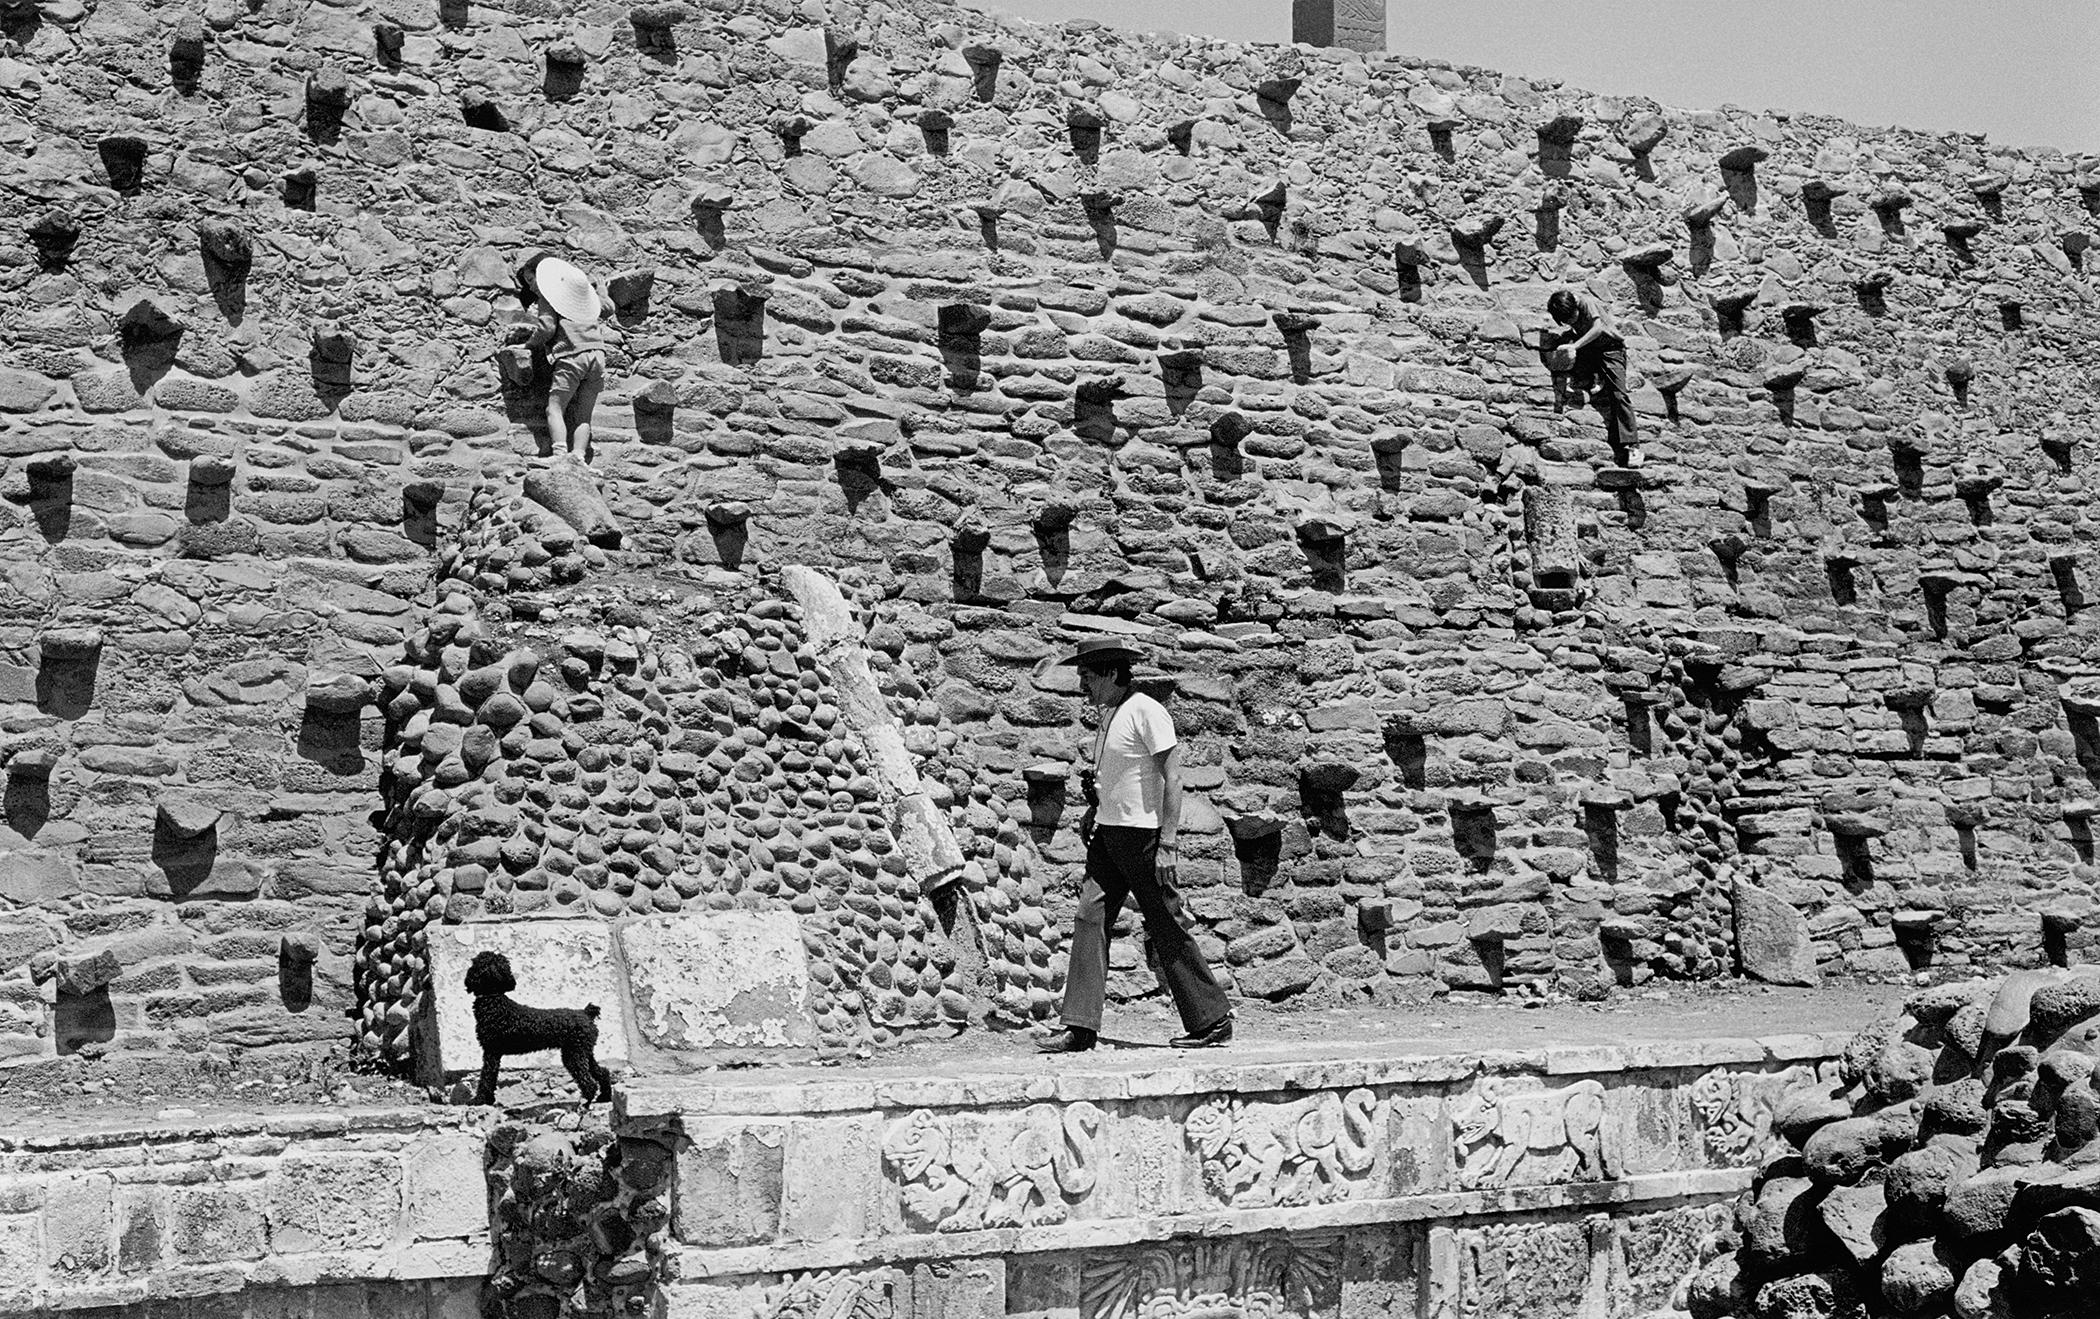 Tula, Mexico 1972